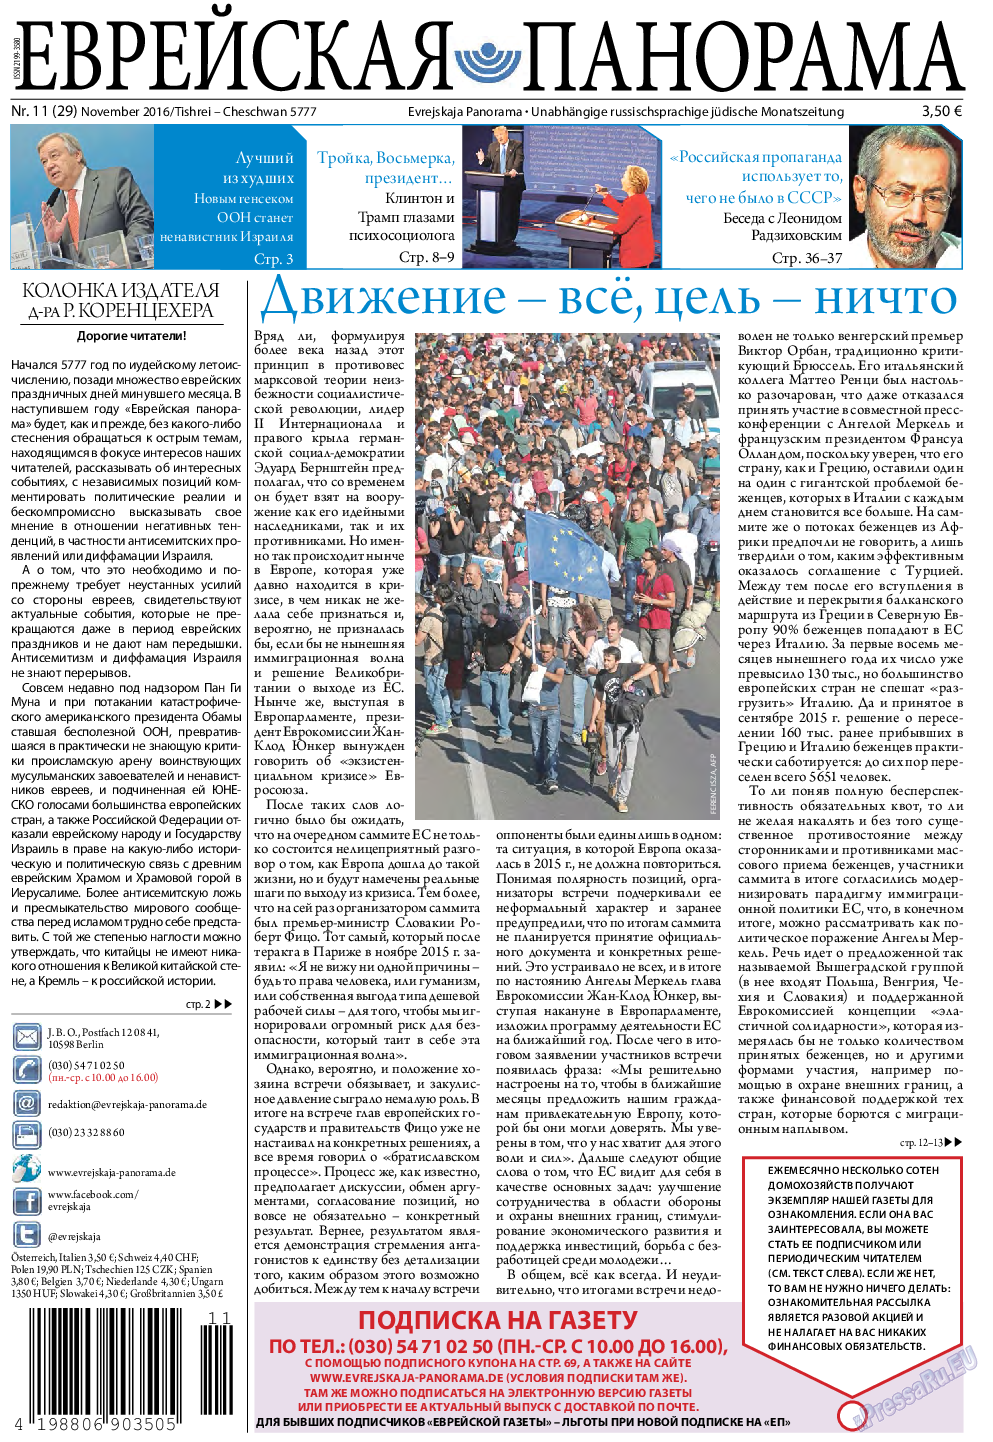 Еврейская панорама (газета). 2016 год, номер 11, стр. 1